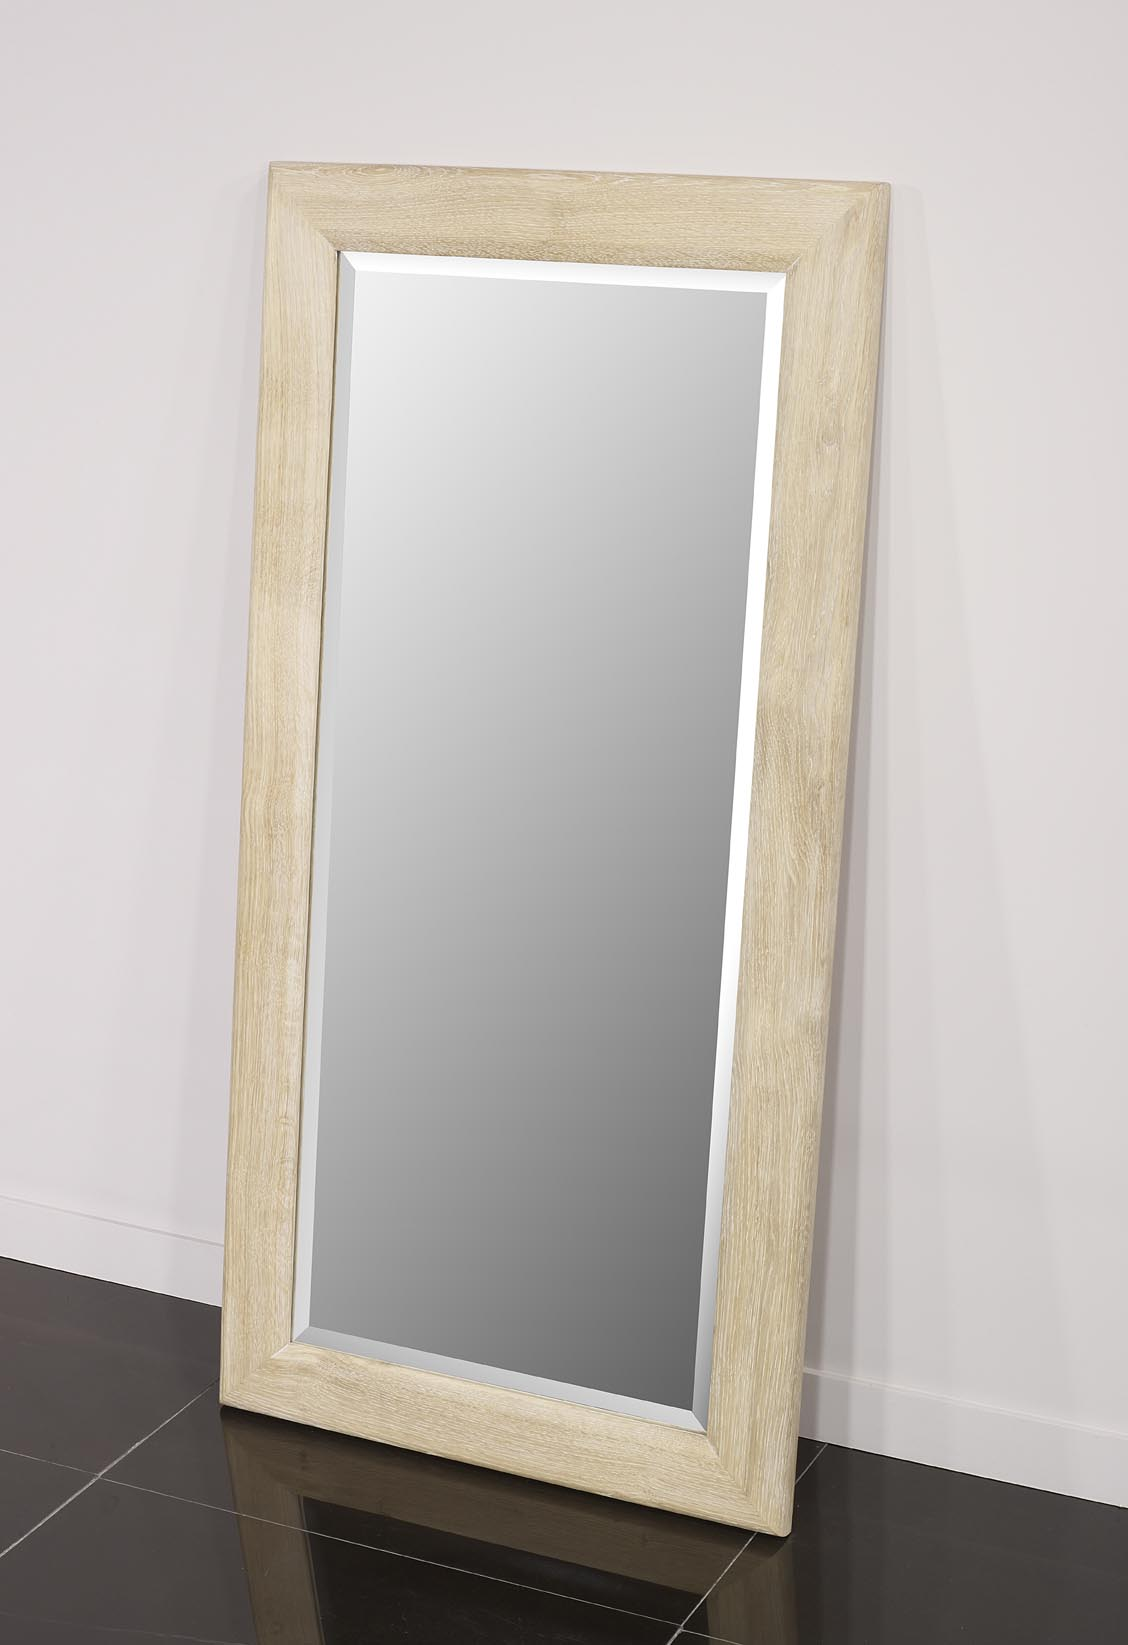 Miroir glace biseaut e 120x60 en ch ne massif meuble en for Glace miroir